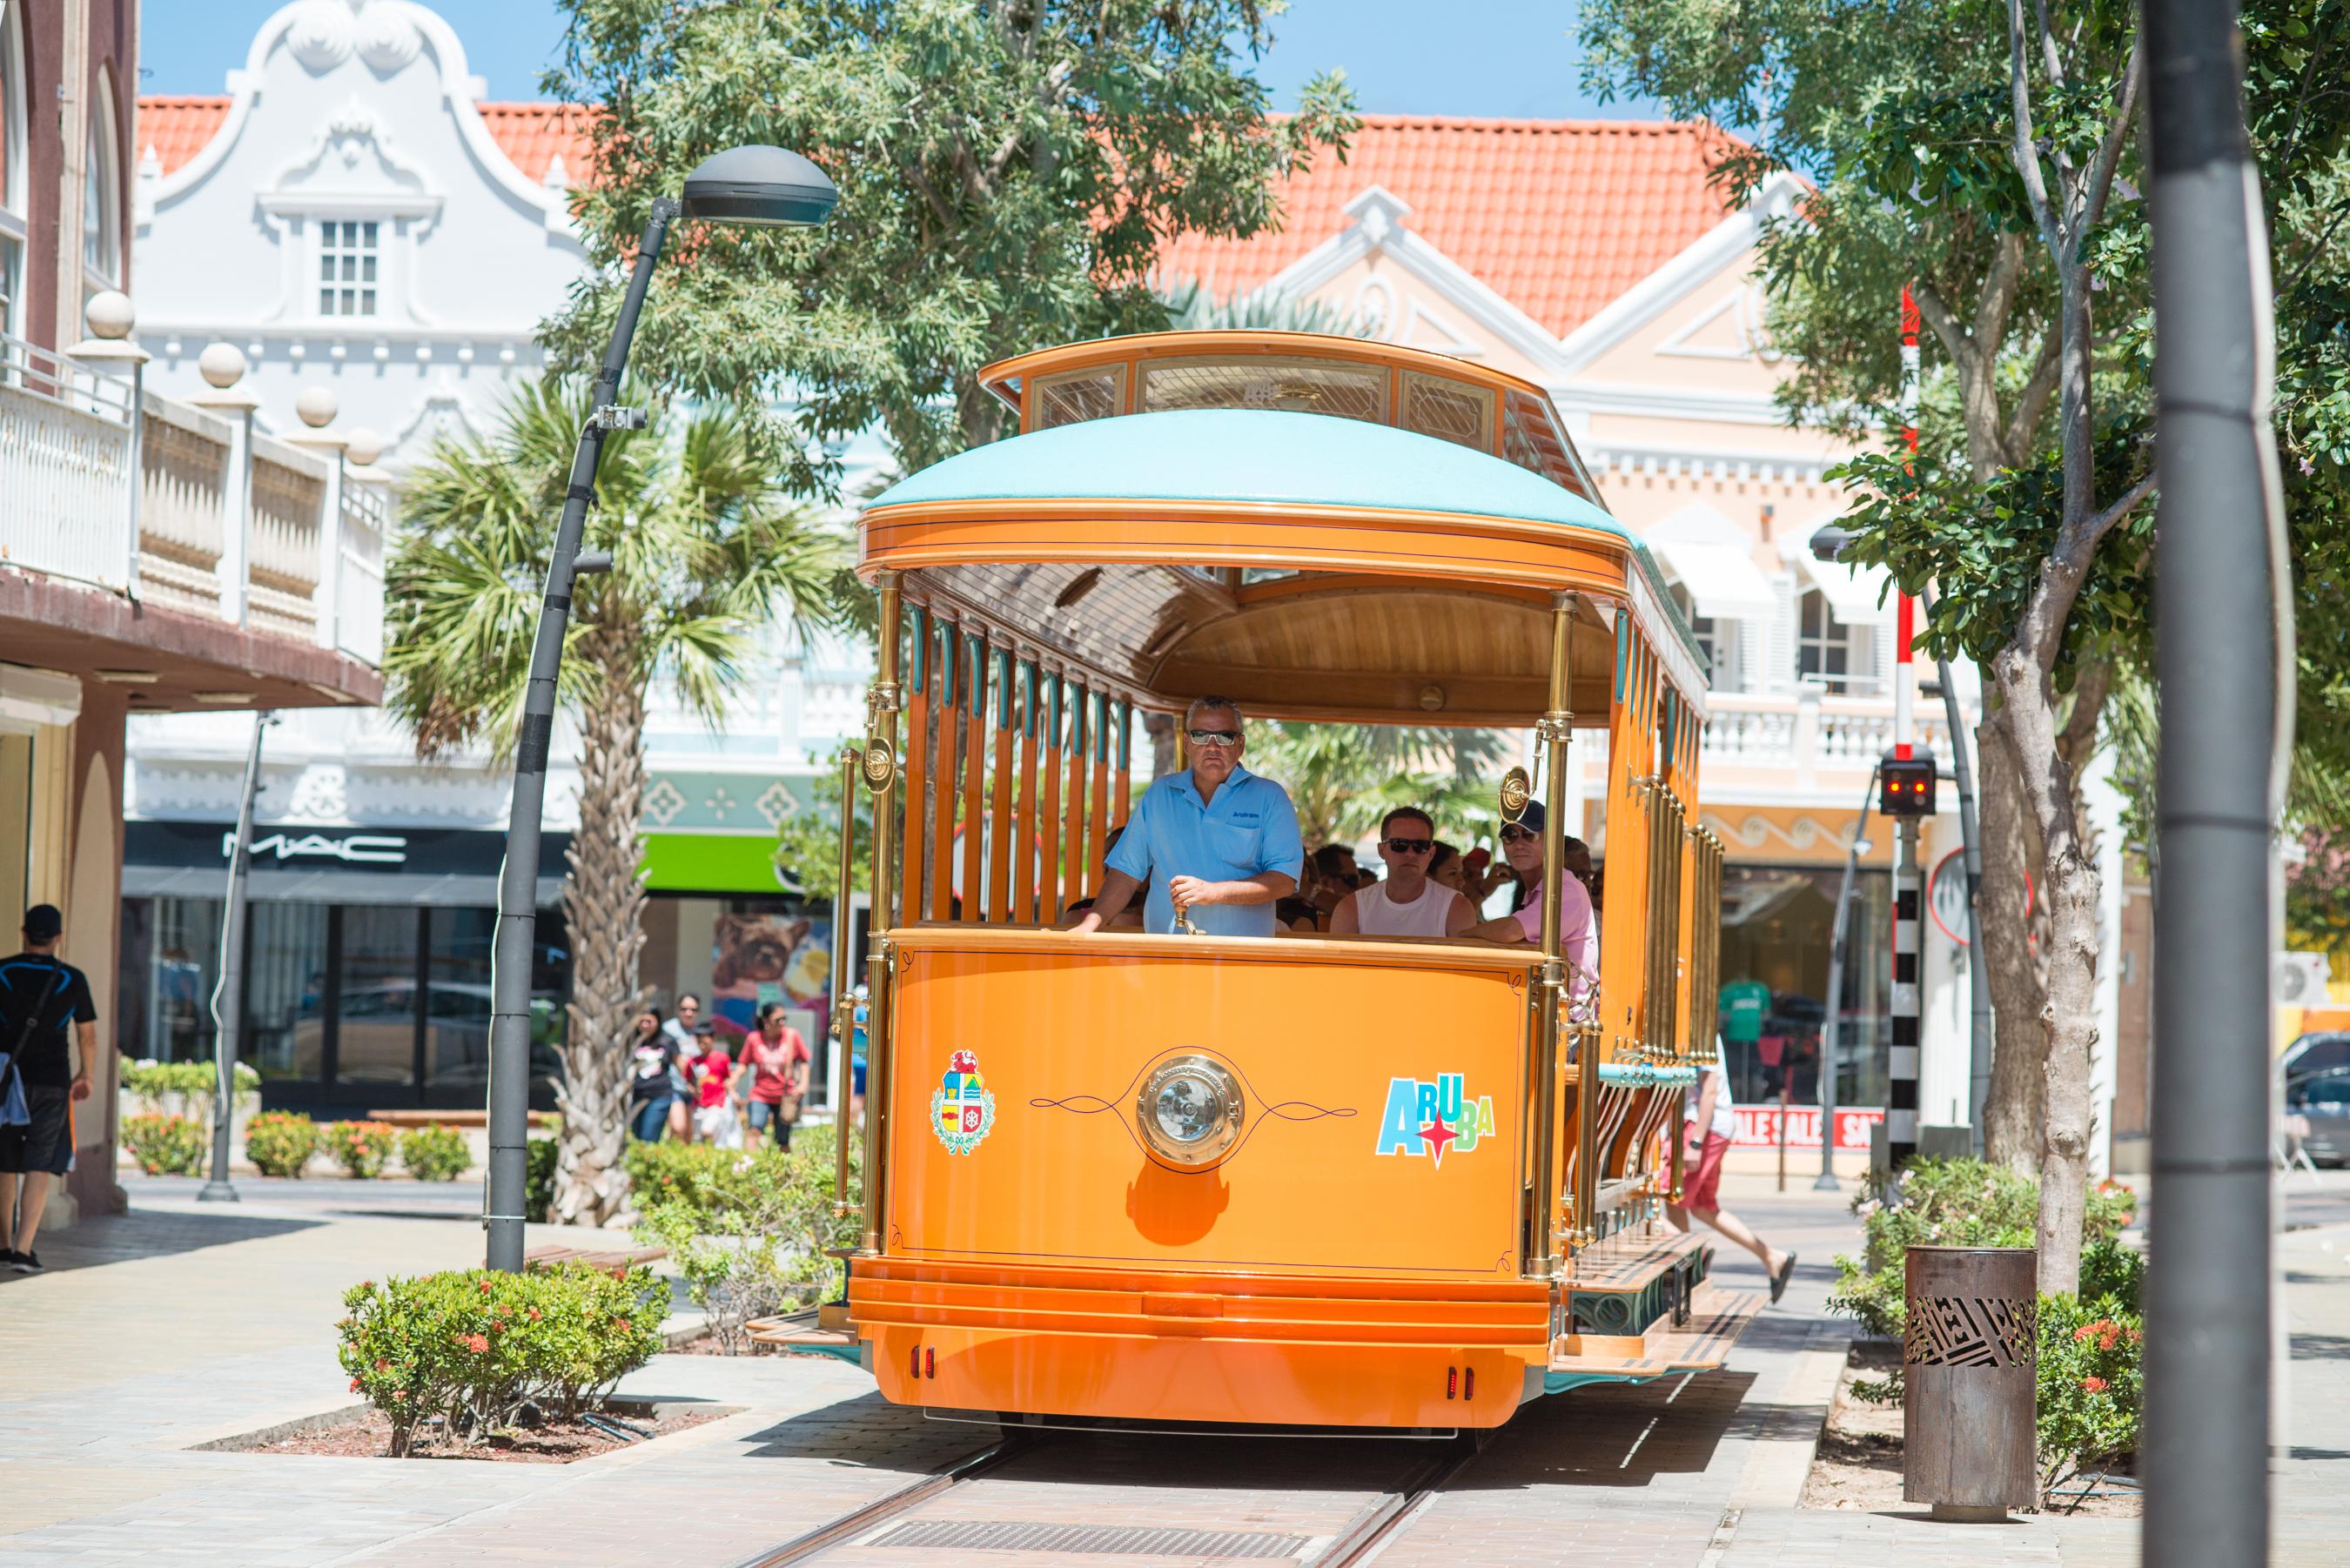 Caribiske Aruba lukker sit nordiske turistkontor. Her foto fra Oranjestad, hovedbyen på den caribiske ø, der er meget præget af den hollandske kolonitid. Foto: Aruba Tourism Authority.